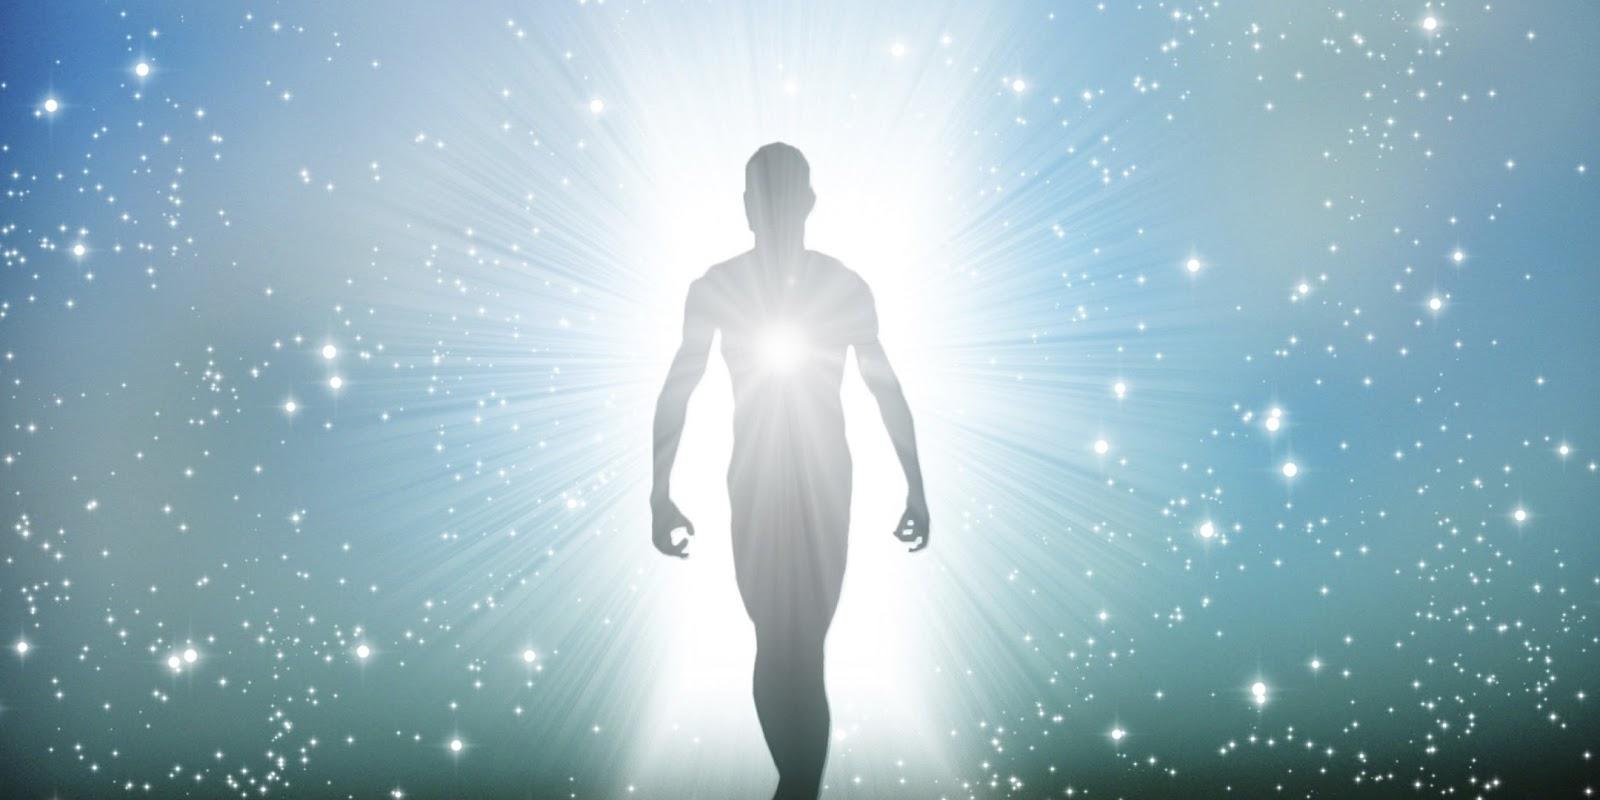 Guerreiro da Luz, brilhe para o mundo, não tenha vergonha de ser quem você é